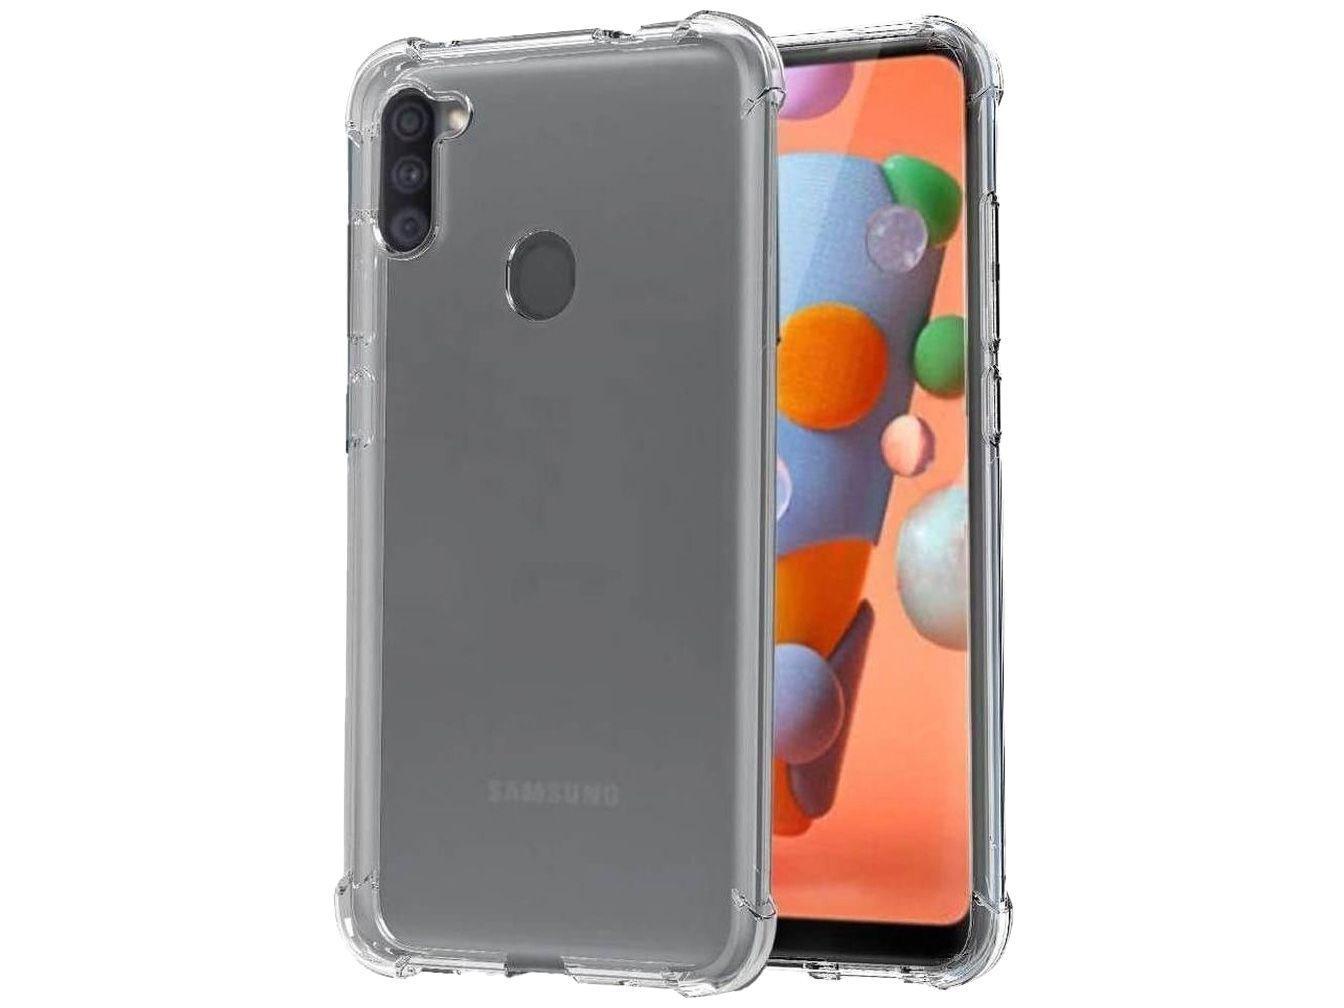 Capa de Celular para A11 Plástico Anti-Impacto - Samsung Hrebos Original